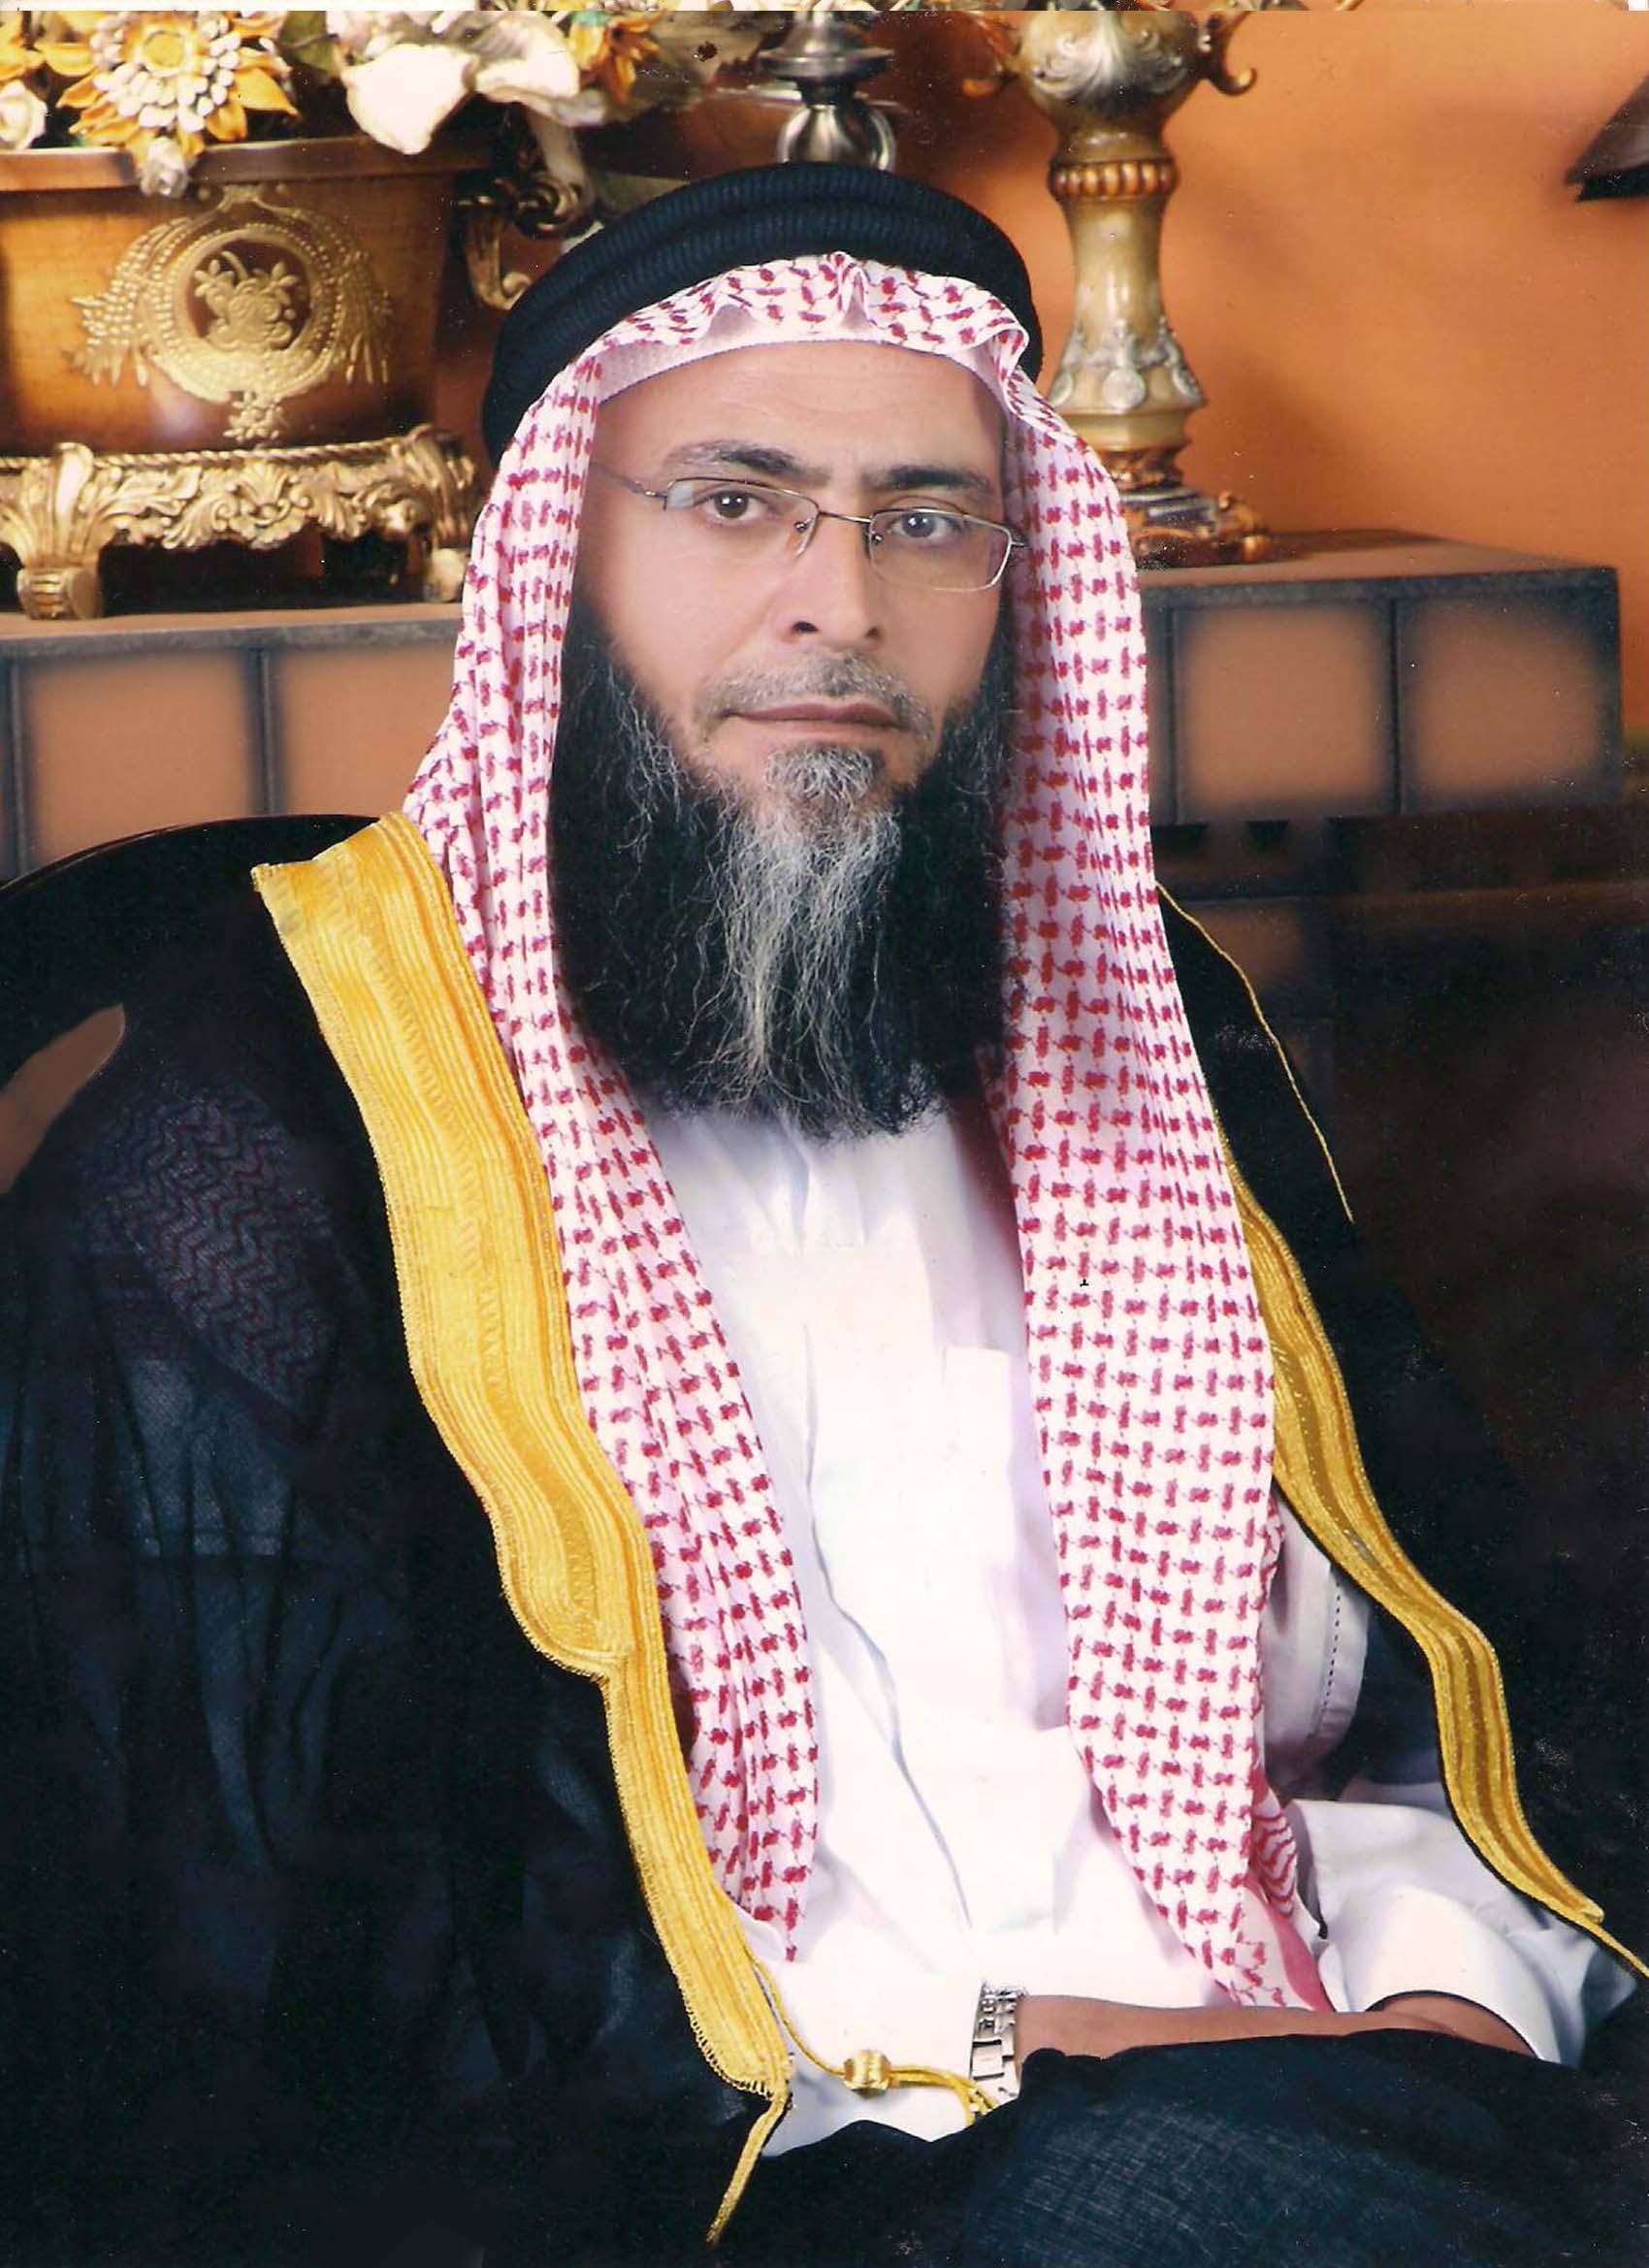 أبو الكرم إبراهيم أنفلوس